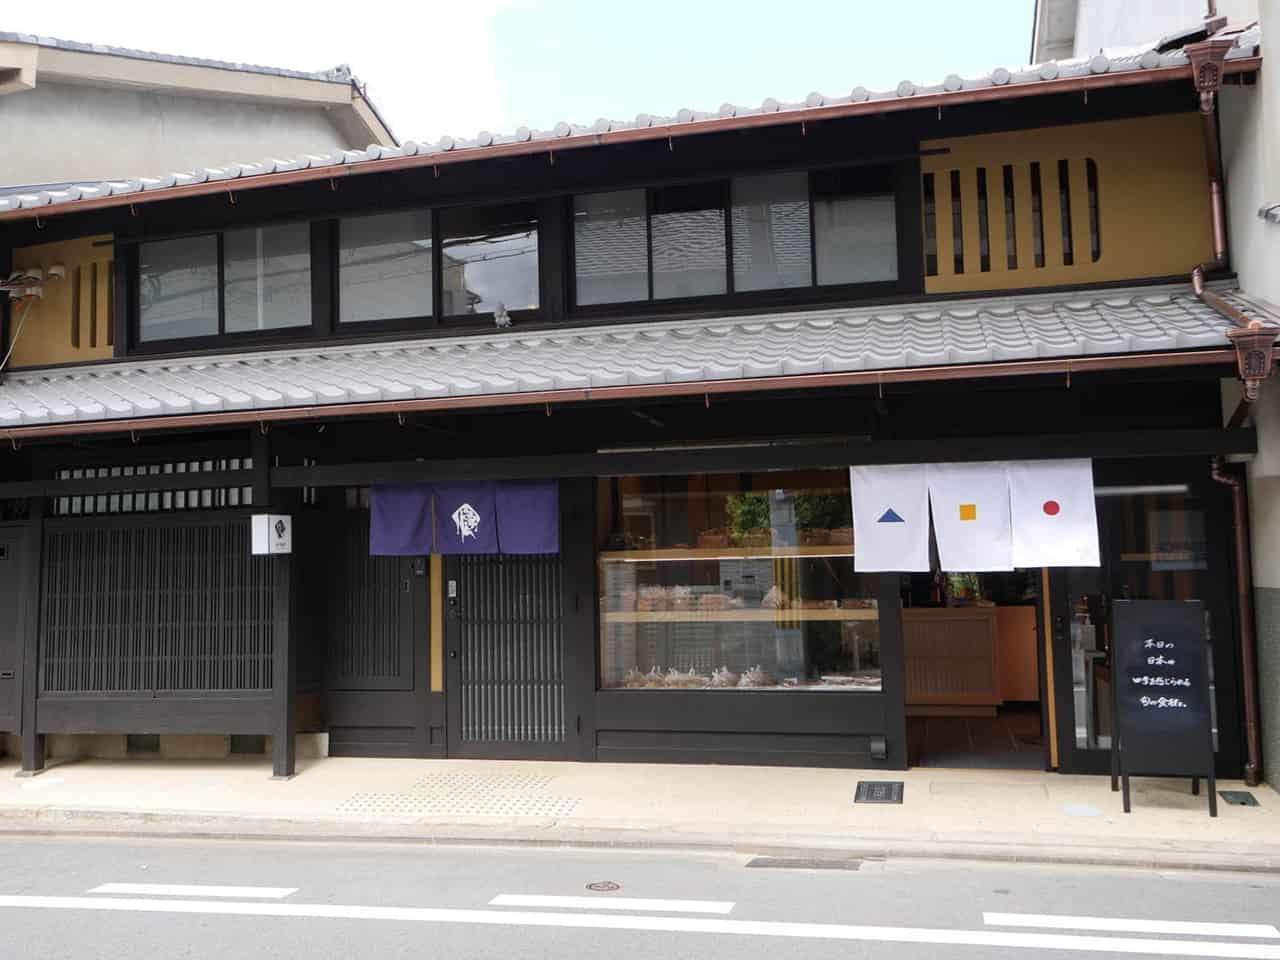 Honjitsu no (本日の) คาเฟ่ในเกียวโต สาขาใหม่ของ BREAD, ESPRESSO &